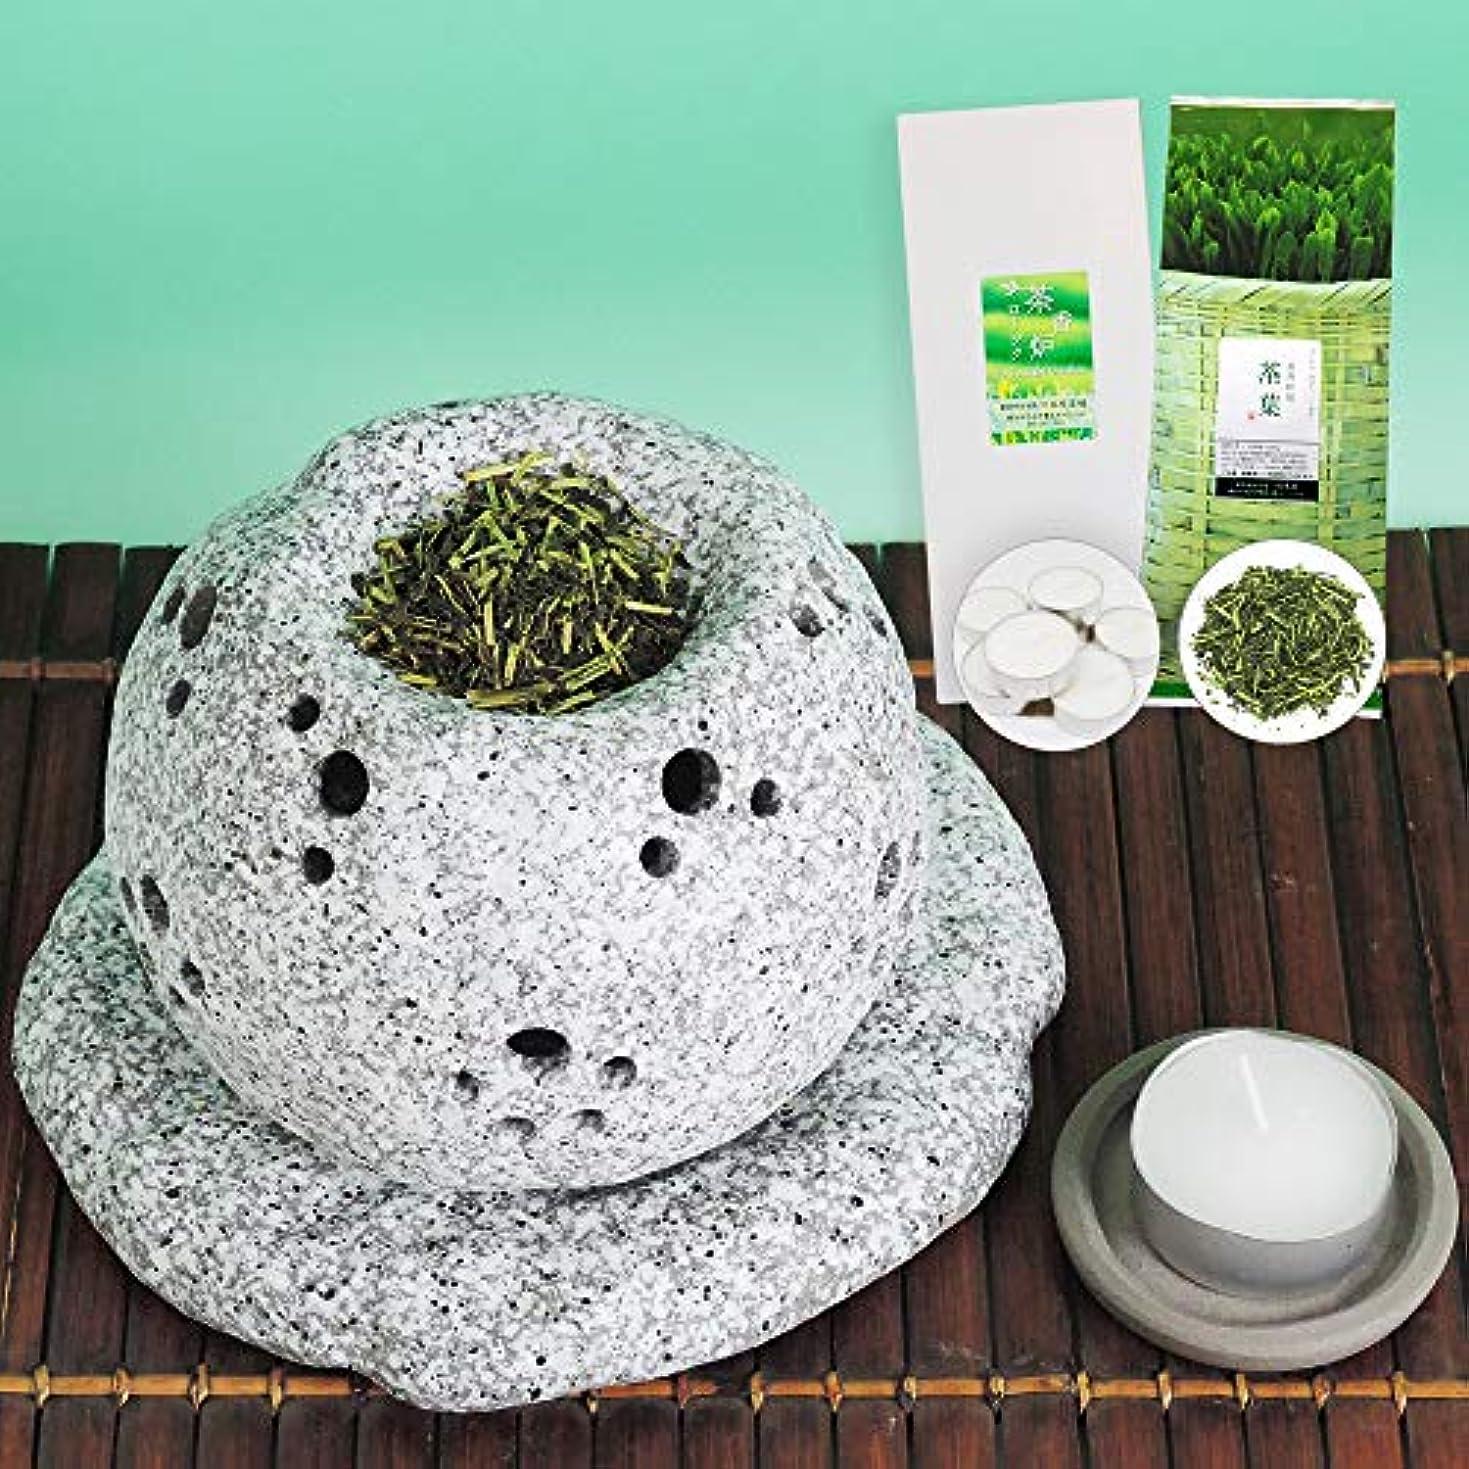 到着アクセスできない持続的元祖 茶香炉セット 茶香炉専用茶葉&ローソク付 川本屋茶舗